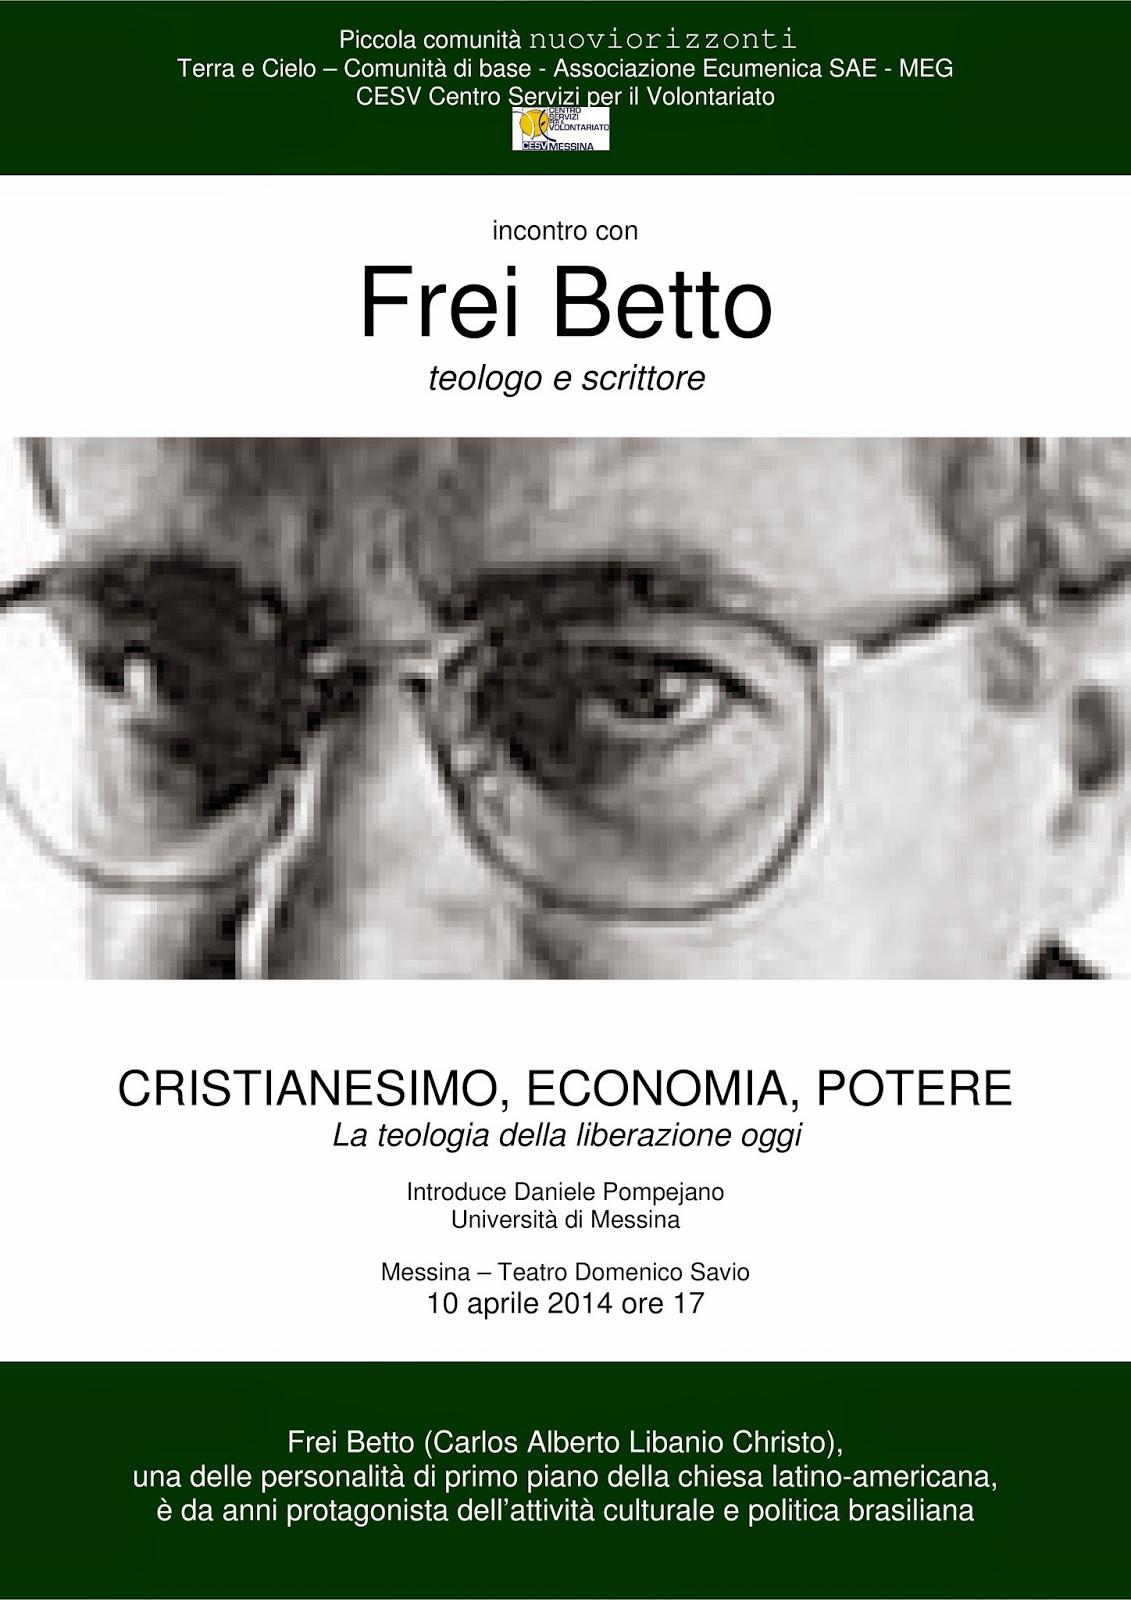 """INCONTRO CON IL TEOLOGO FREI BETTO SU """"CRISTIANESIMO, ECONOMIA, POTERE"""""""